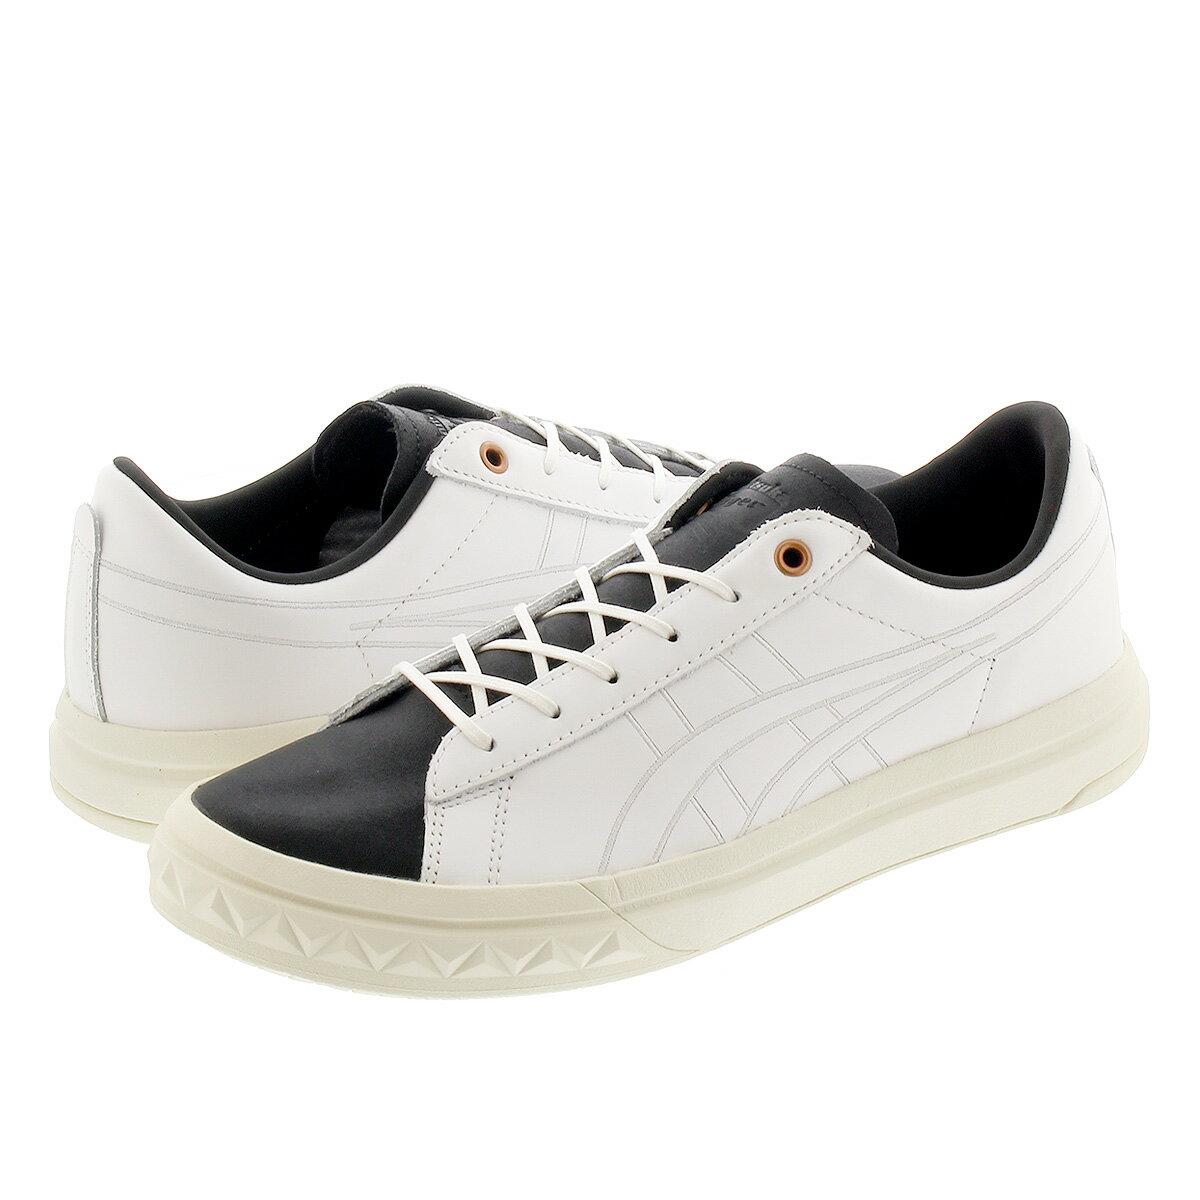 レディース靴, スニーカー Onitsuka Tiger FABRE EX EX WHITEWHITE 1183a948-100